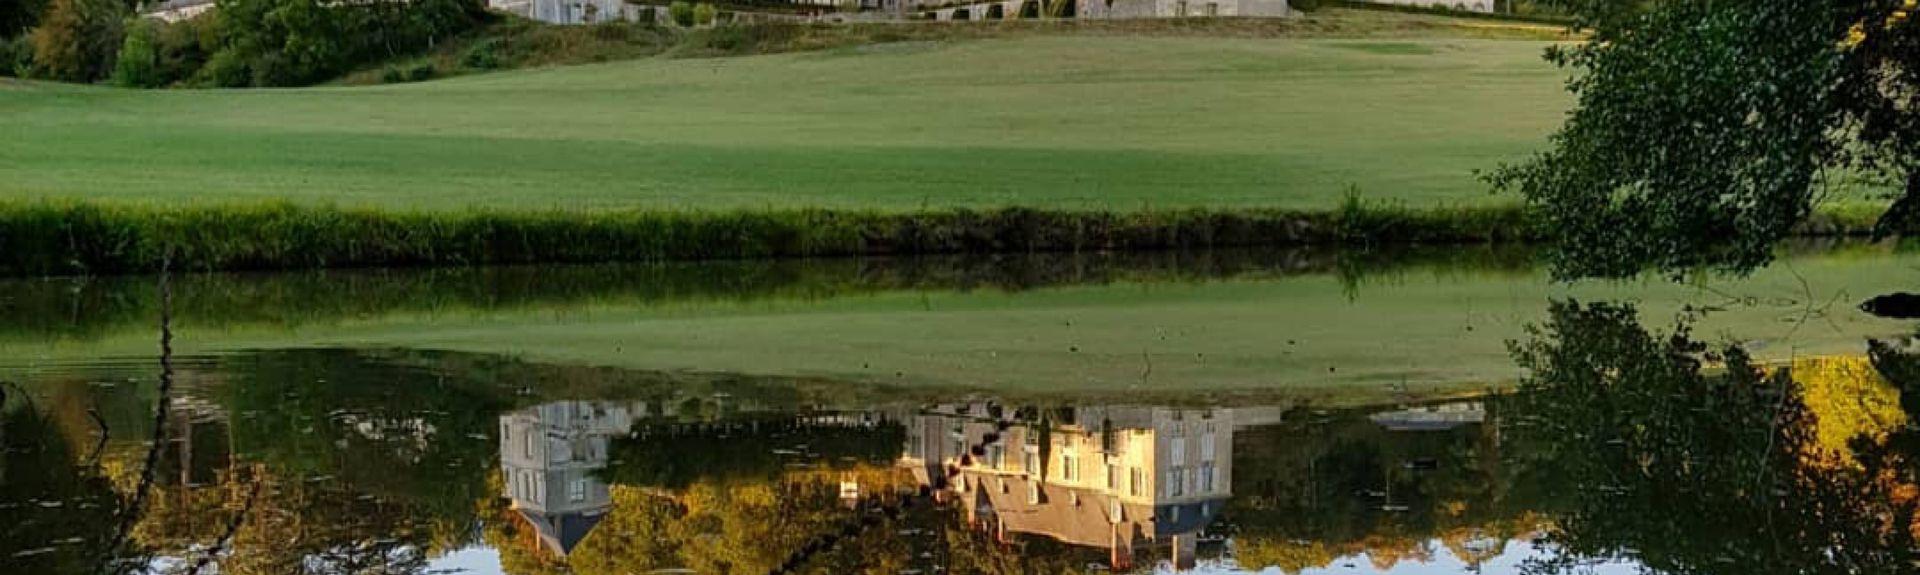 Beaumont-la-Ronce, Beaumont-Louestault, Indre-et-Loire (departmento), França